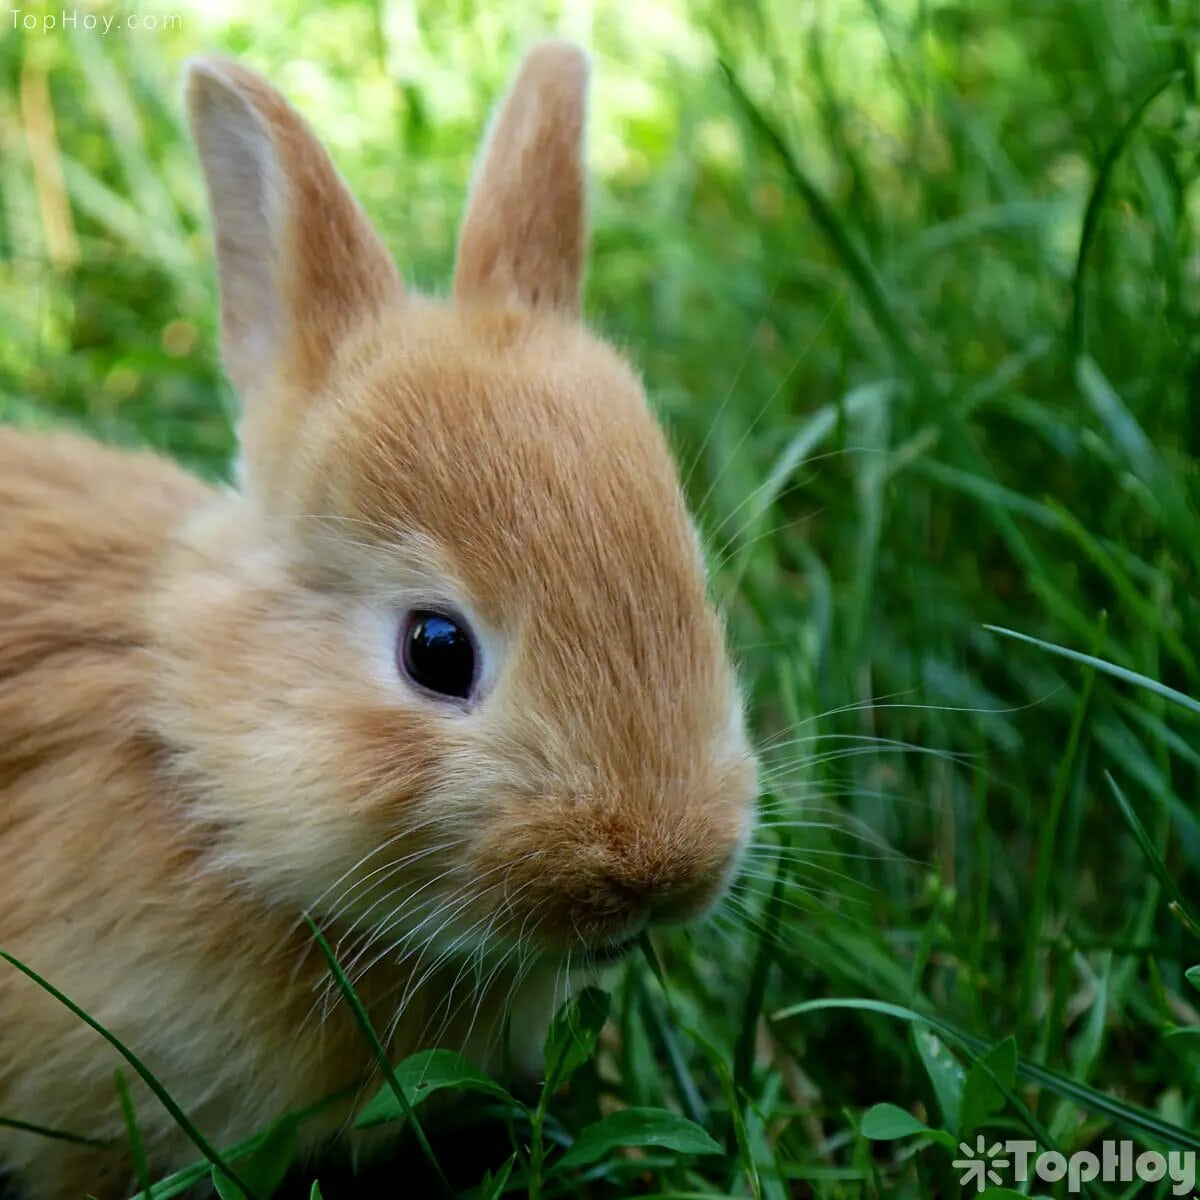 Las crías de conejos reciben el nombre de gapazos.